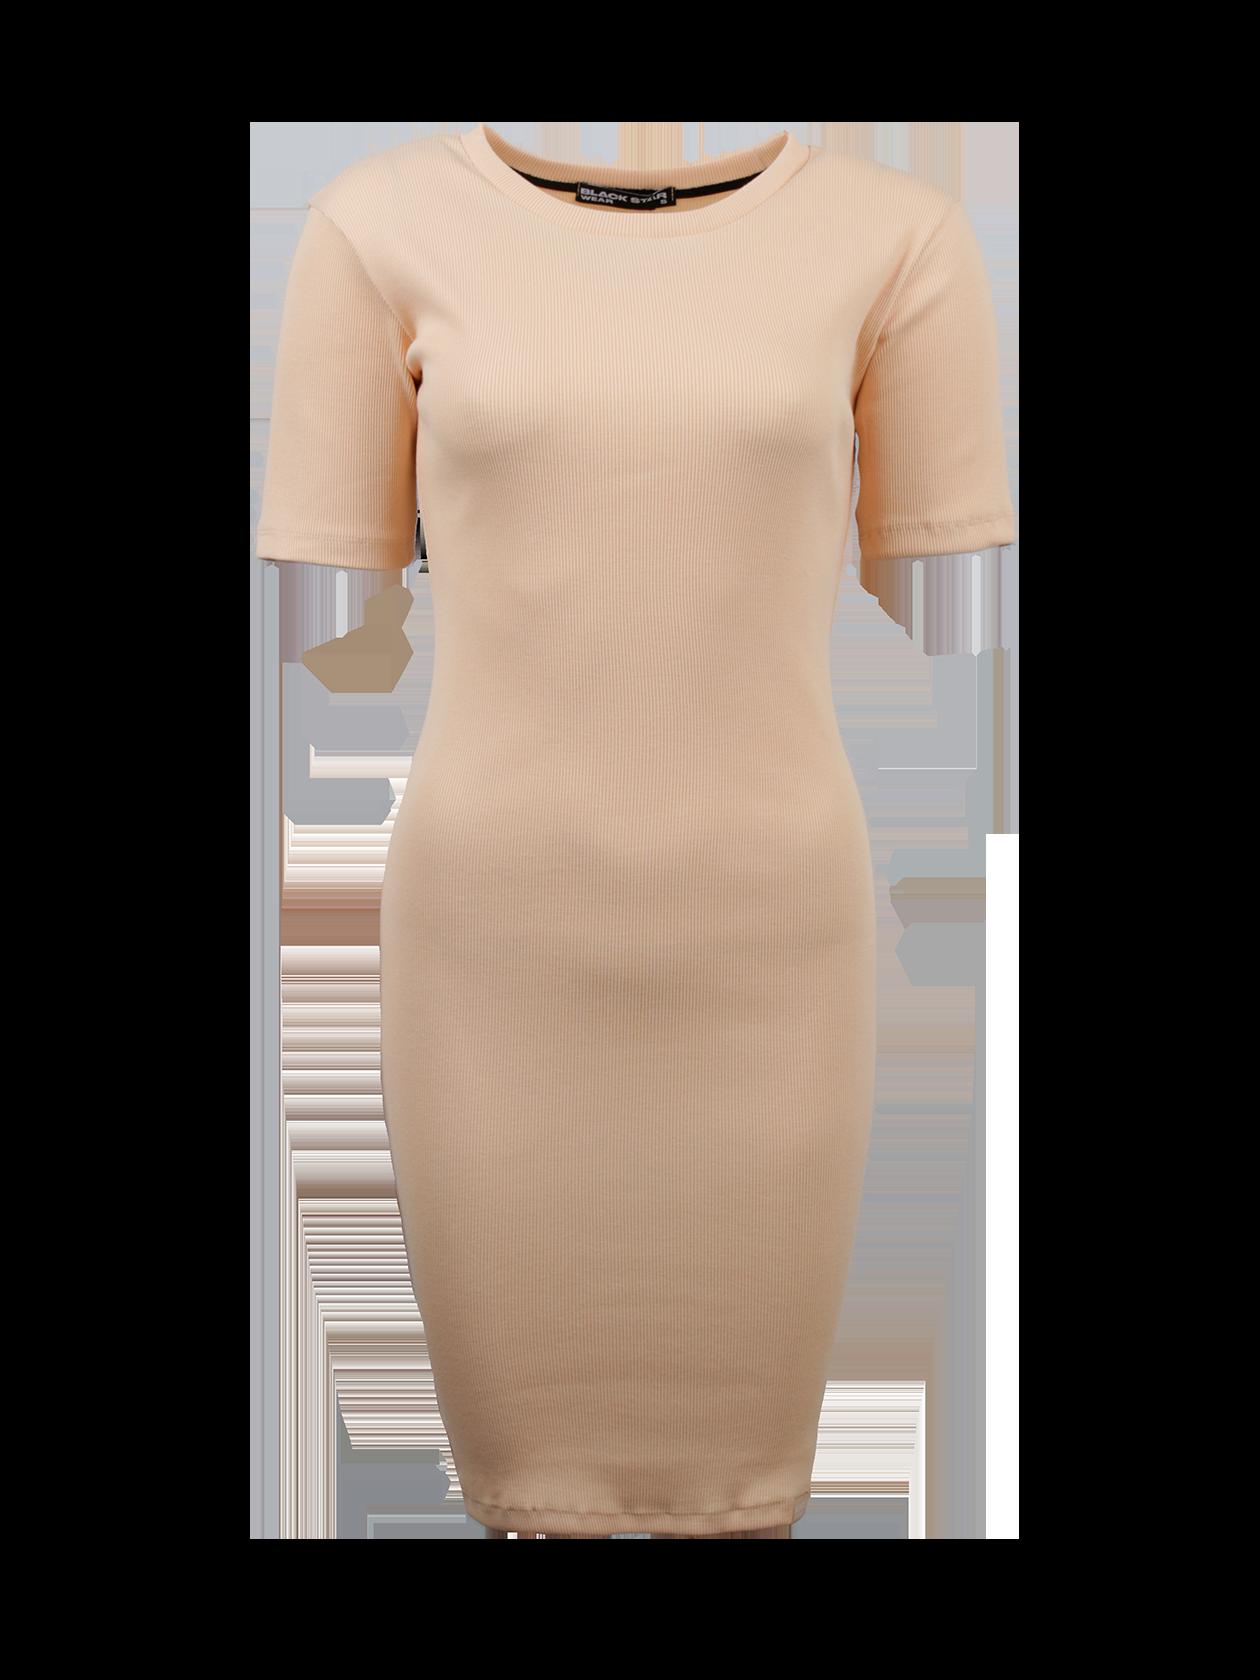 Платье женское HOT SUMMER BSПлатье женское Hot Summer BS из коллекции магазина Black Star Wear – стильное дополнение образа на каждый день. Изделие облегающего силуэта длиной чуть выше колена. Горловина в виде лодочки с лейблом BSW на внутреннем крае спинки. Короткий рукав имеет прилегающую форму. Модель представлена в цвете слоновой кости, актуальном в любом сезоне. Платье создано из премиального натурального хлопка гофрированной структуры, отлично подчеркивает достоинства фигуры. Подходит для офиса, встреч с друзьями, хорошо сочетается с классической и повседневной обувью.<br><br>Размер: XS<br>Цвет: Бежевый<br>Пол: Женский